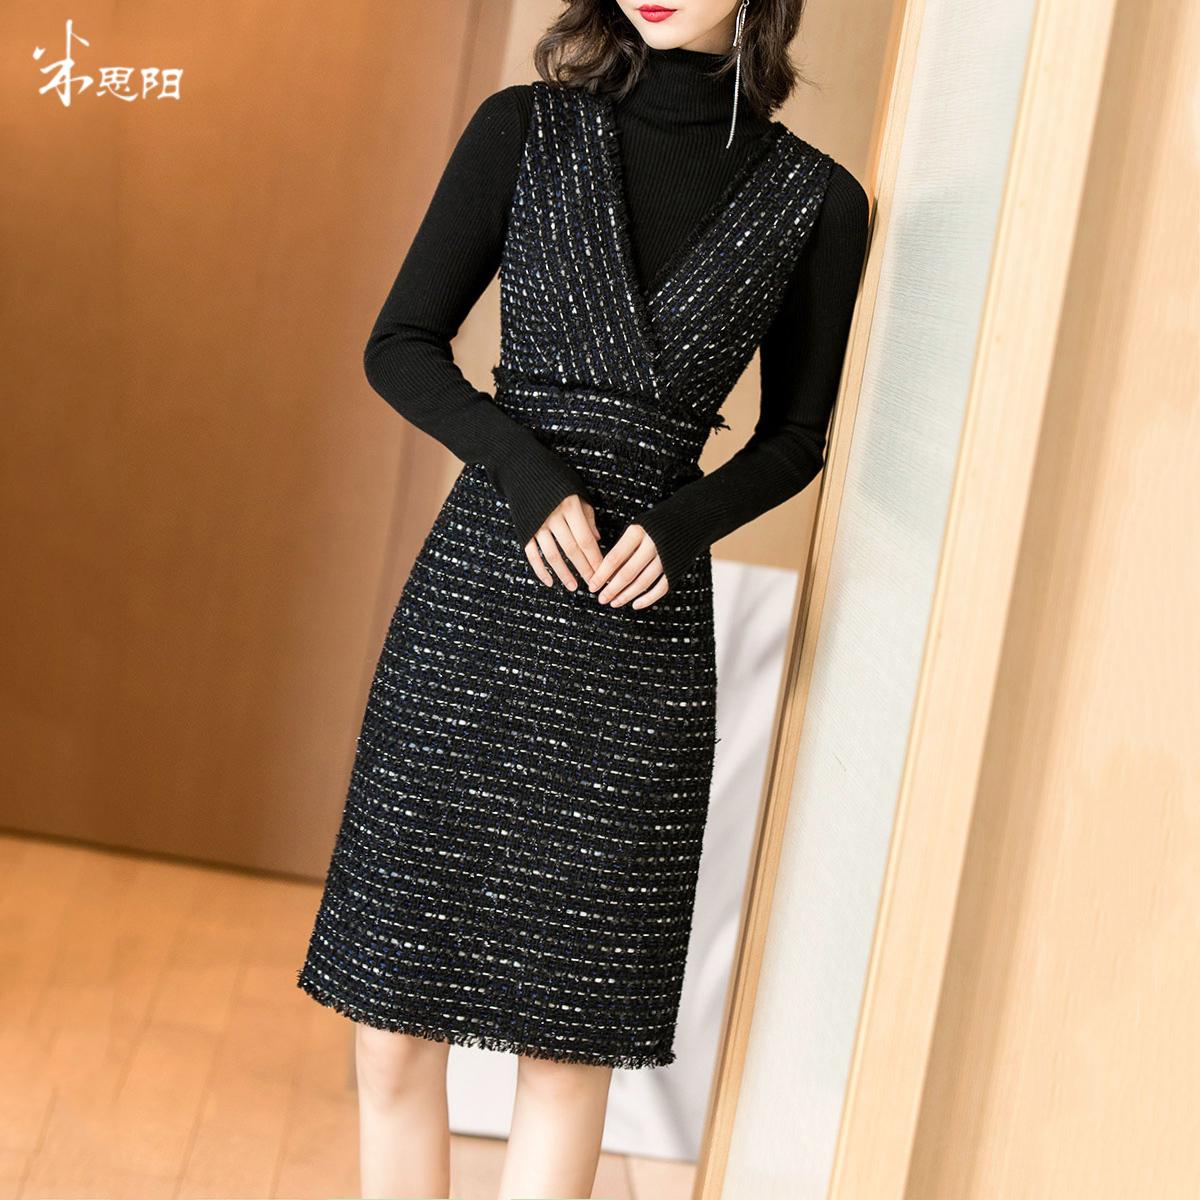 米思阳2019冬季新款时尚套装针织打底衫小香风连衣裙两件套女9291